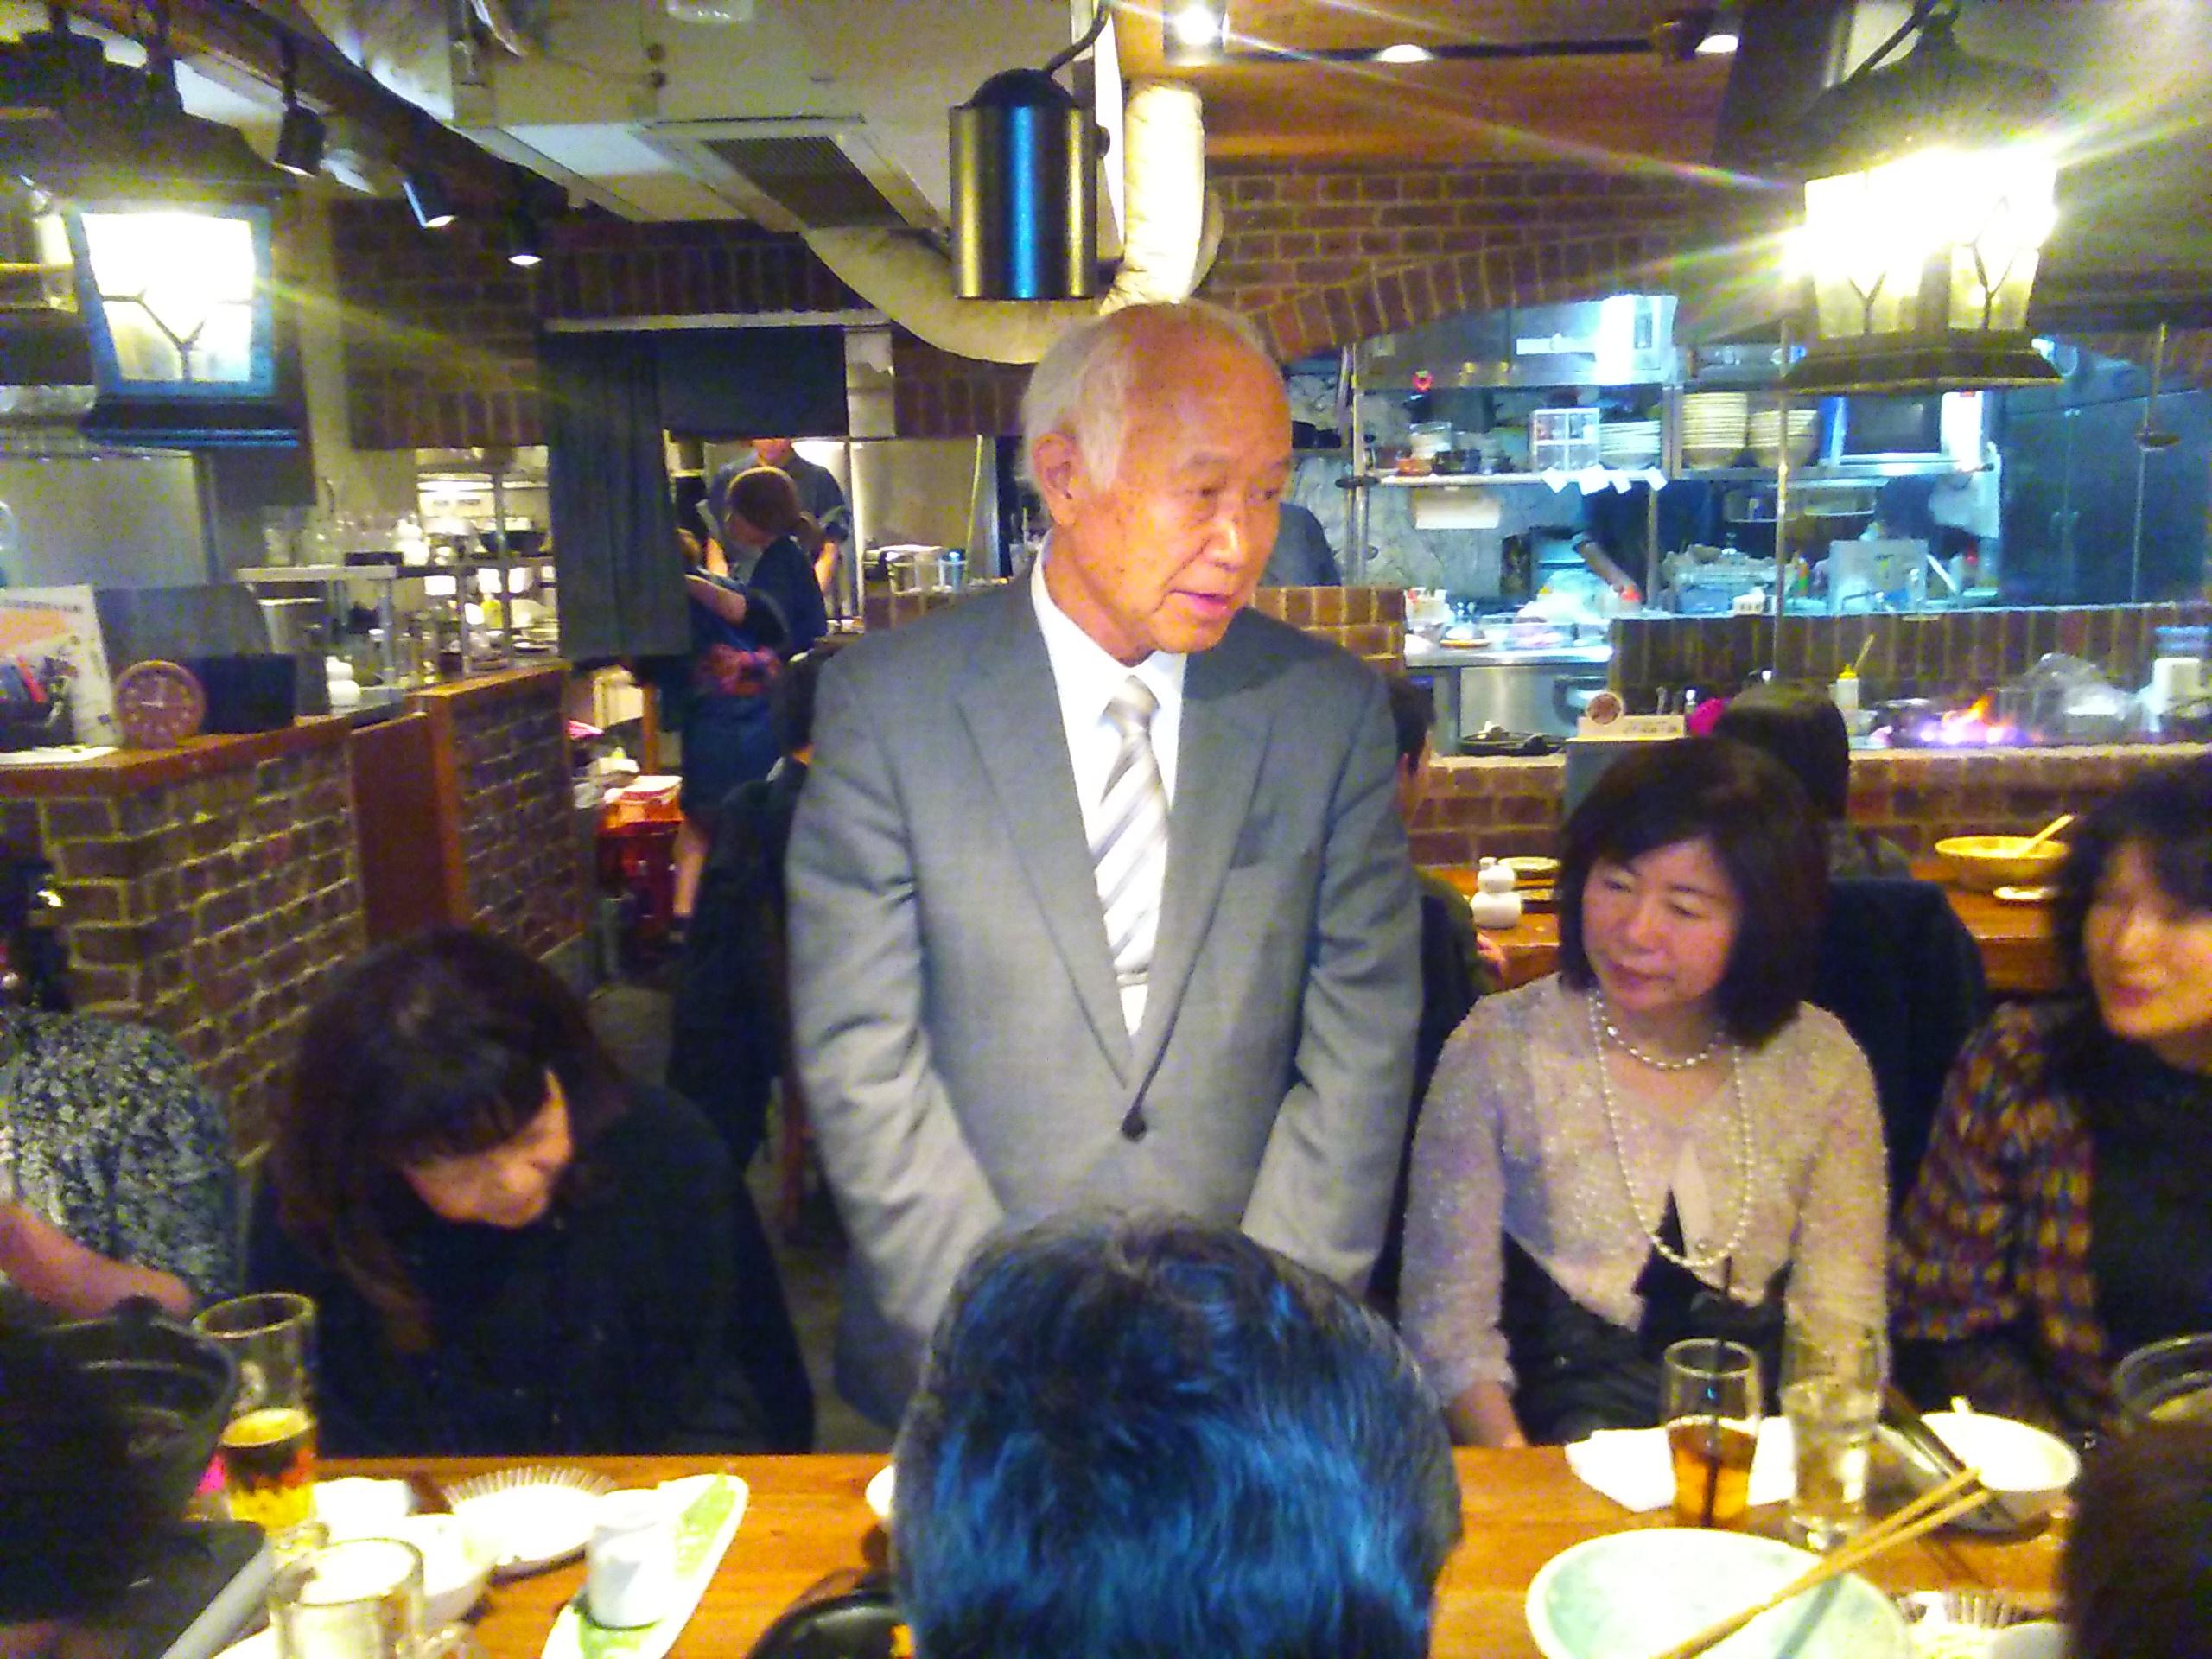 KIMG0244 - 4月1日東京思風塾の開催になります。